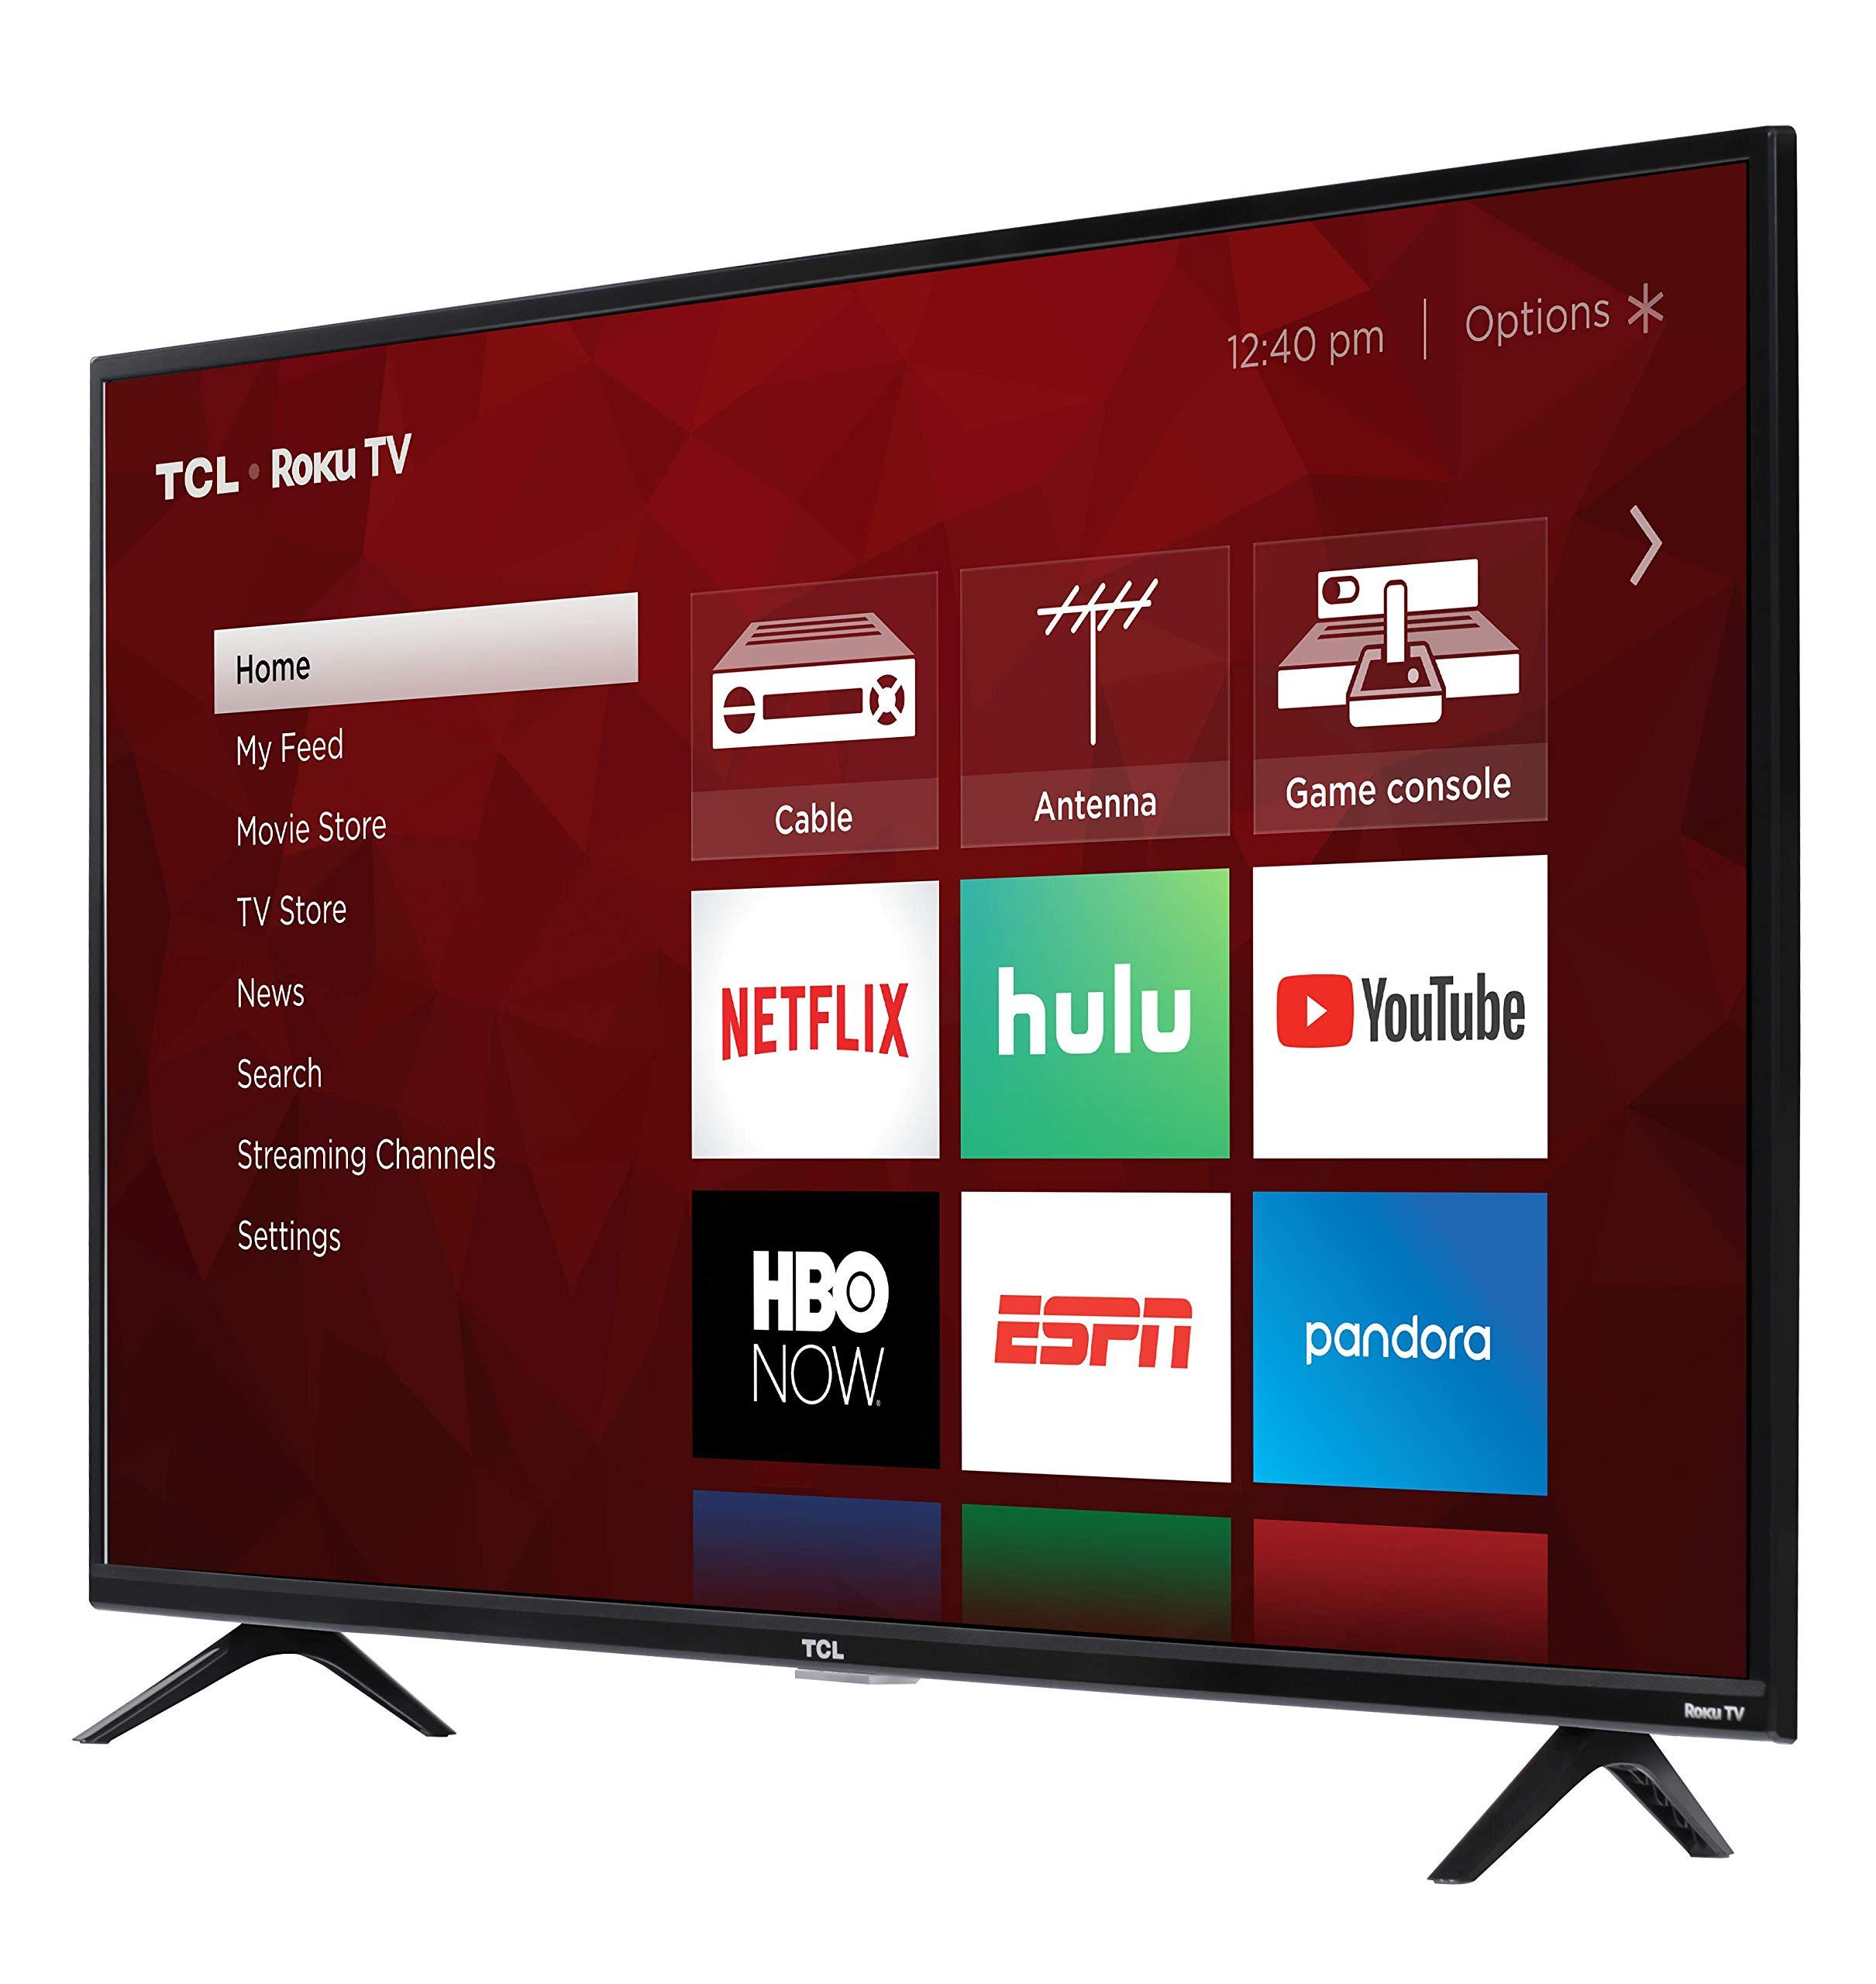 TCL 1080p Smart LED TV 2018 2